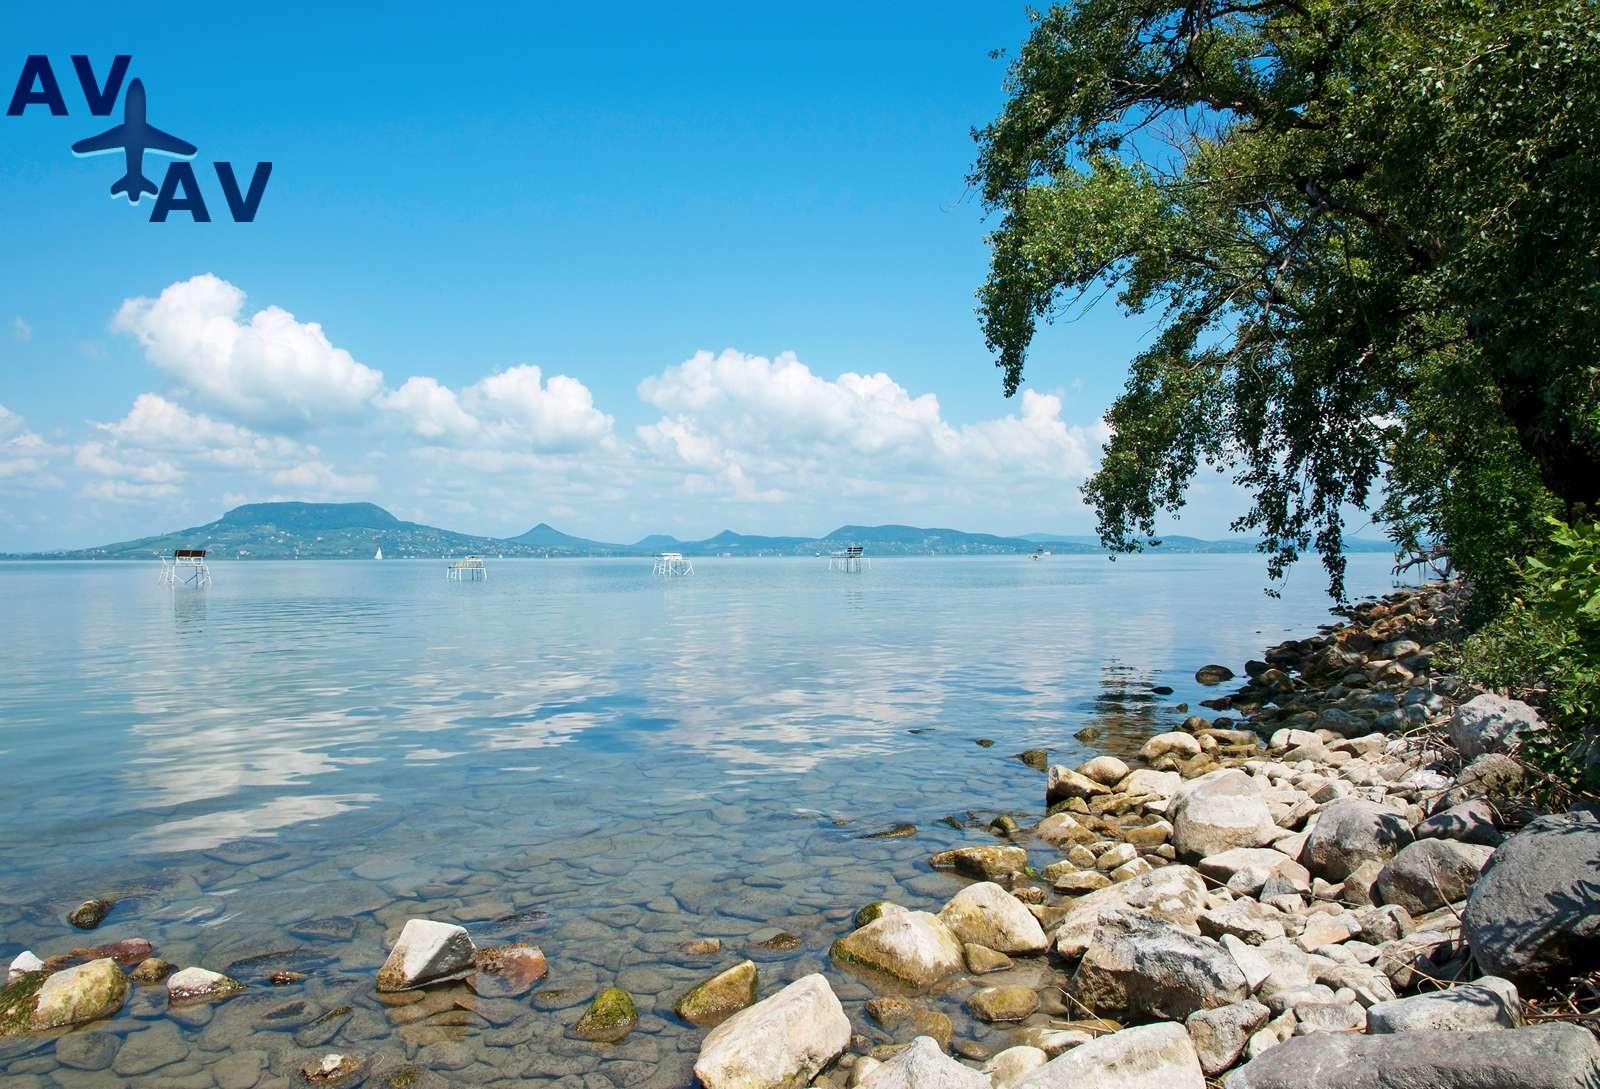 Ozero Balaton - Озеро Балатон